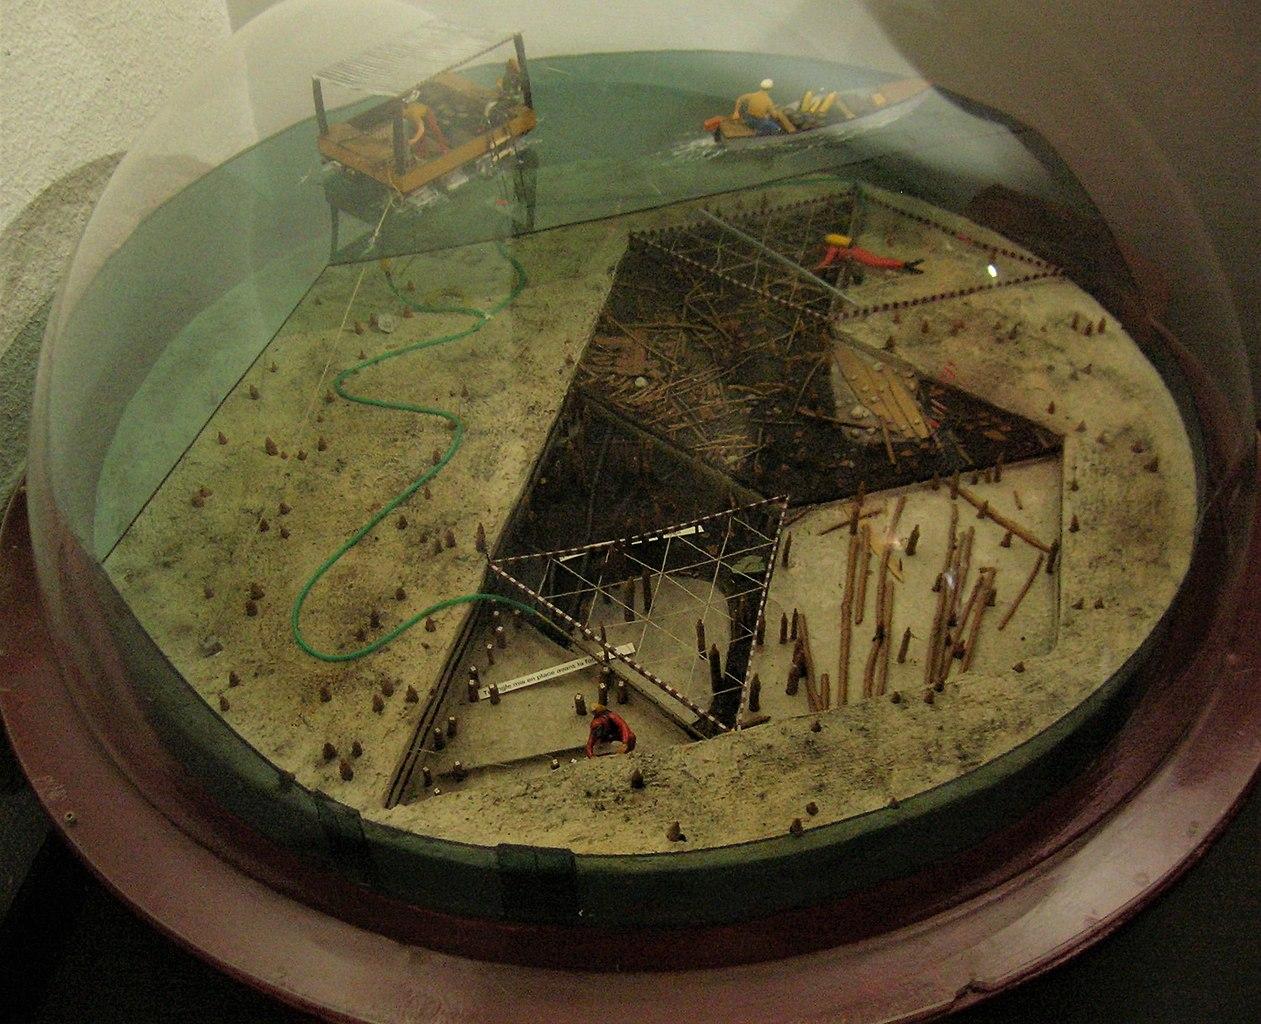 Maquette de reconstruction de la technique de fouille subaquatique au Musée archéologique du lac de Paladru à Charavines (France)